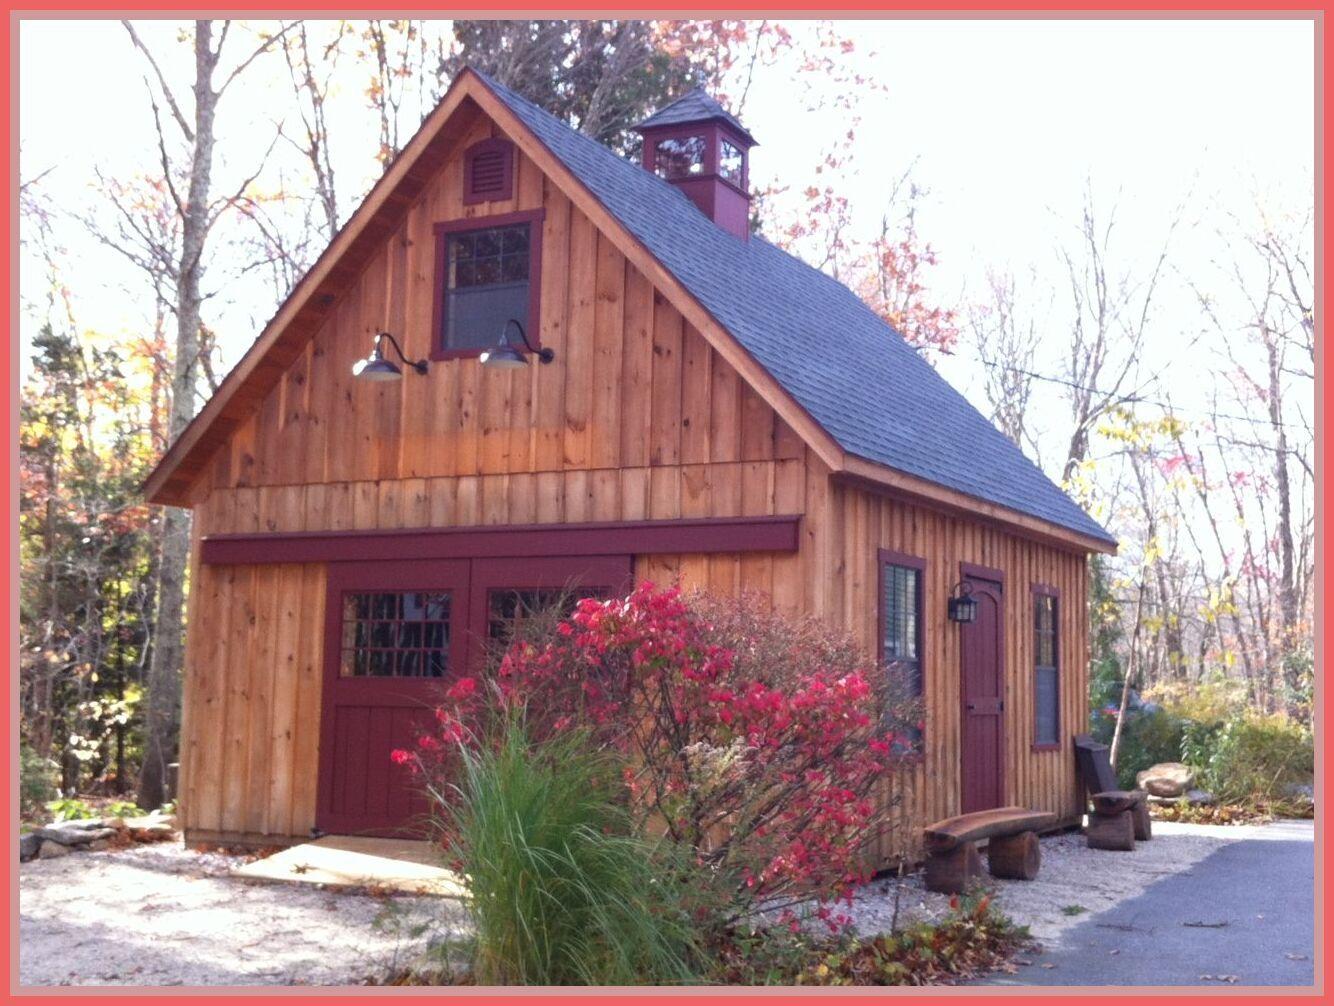 64 Reference Of Barn Door Pantry Board And Batten In 2020 Garage Door Design Backyard Barn Barn Door Pantry